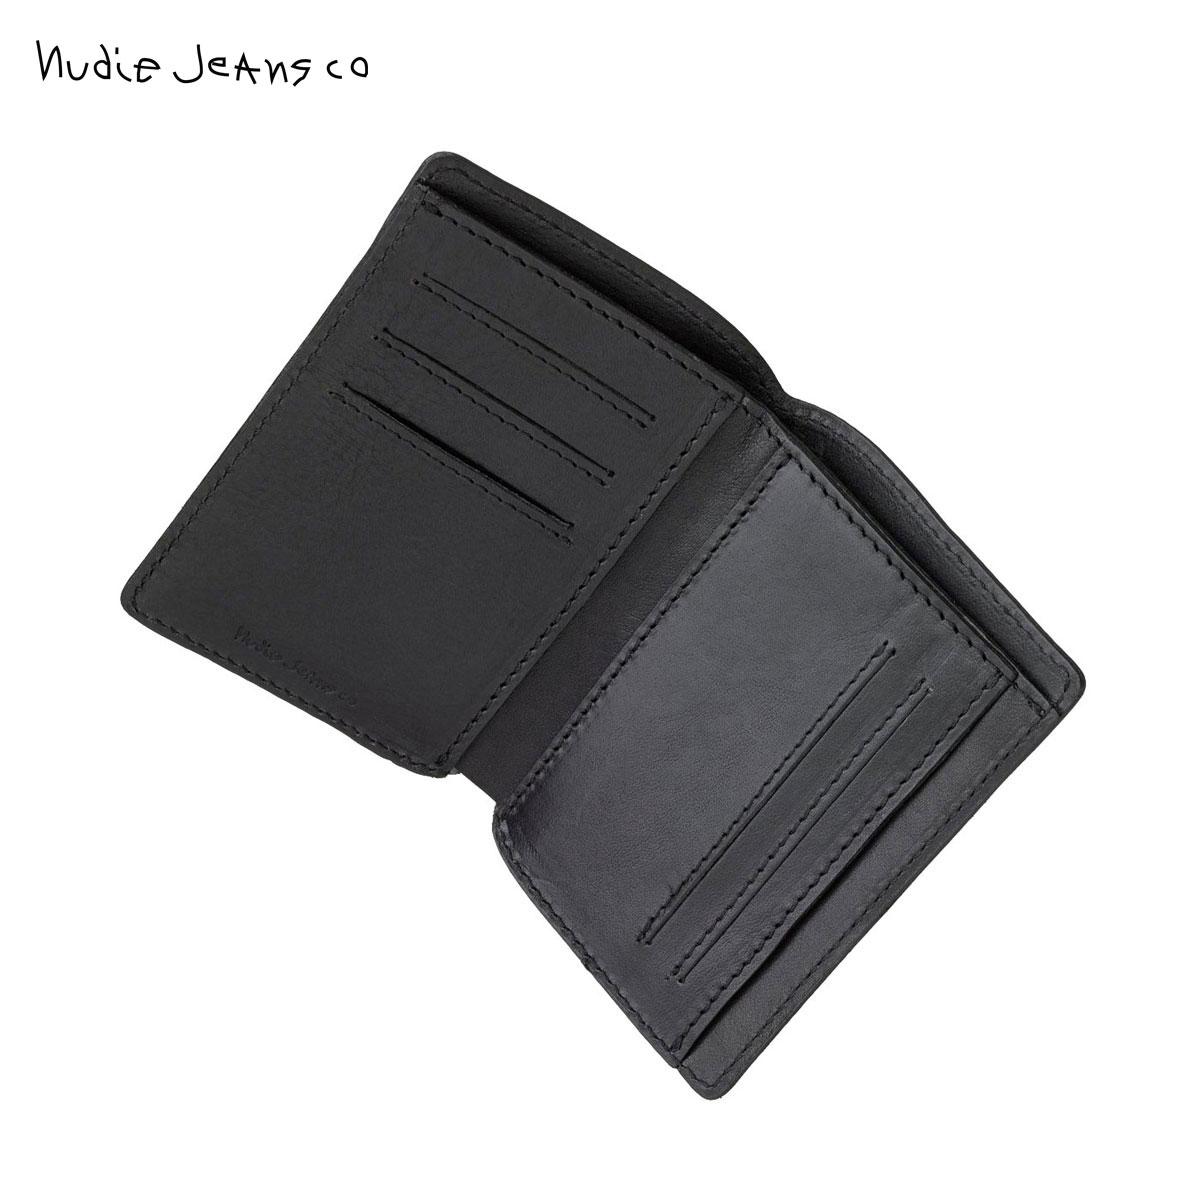 ヌーディージーンズ 財布 正規販売店 Nudie Jeans ウォレット 二つ折り 小銭入れあり MARK WALLET SADDLE LEATHER BLACK B01 180909 父の日